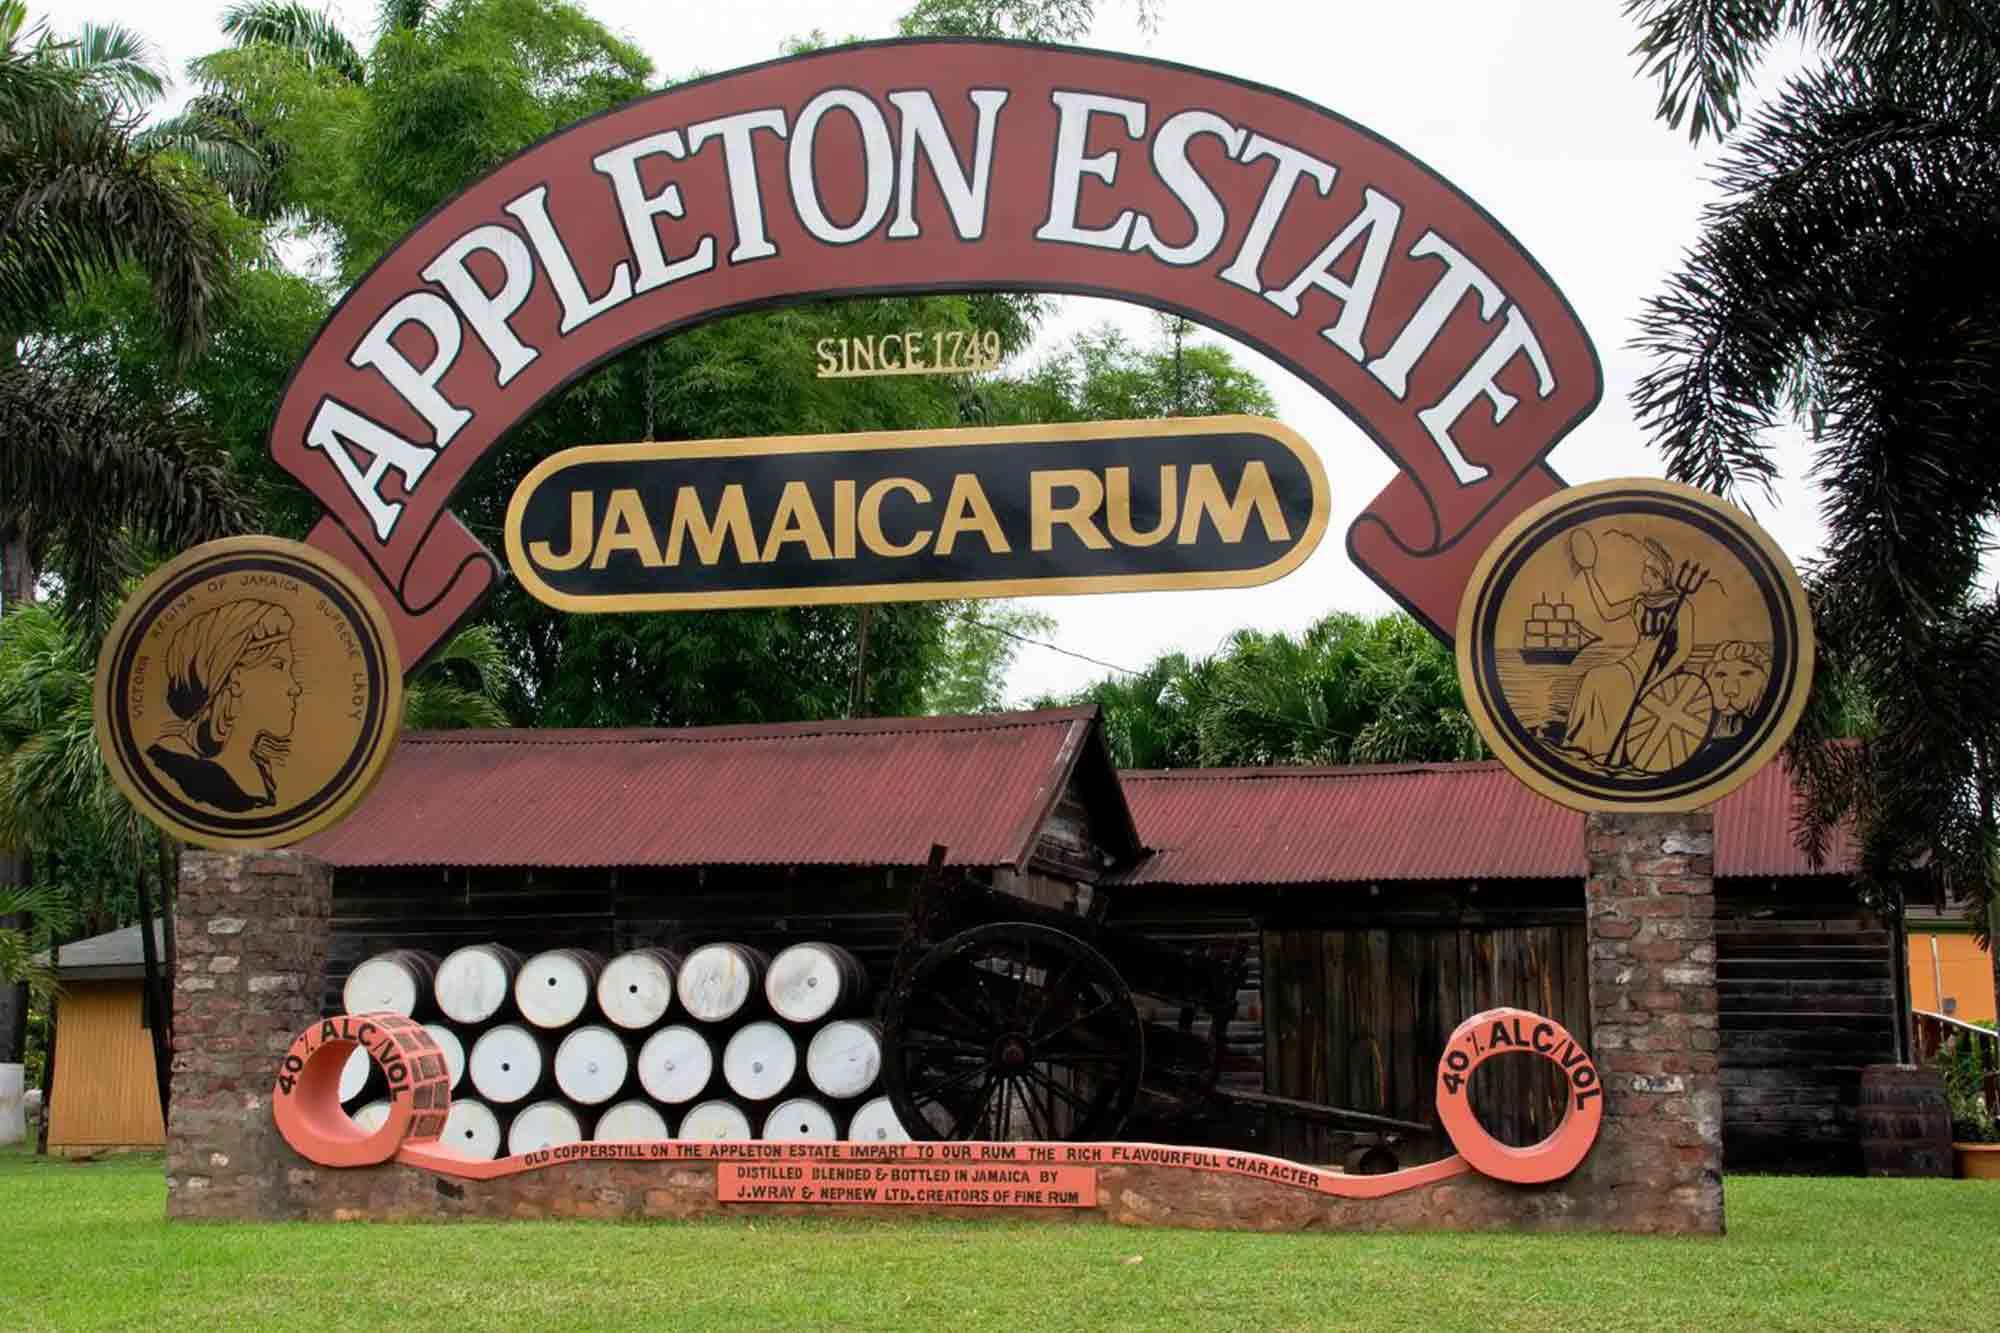 Appleton Rum Black River YS Falls Full Day Tour